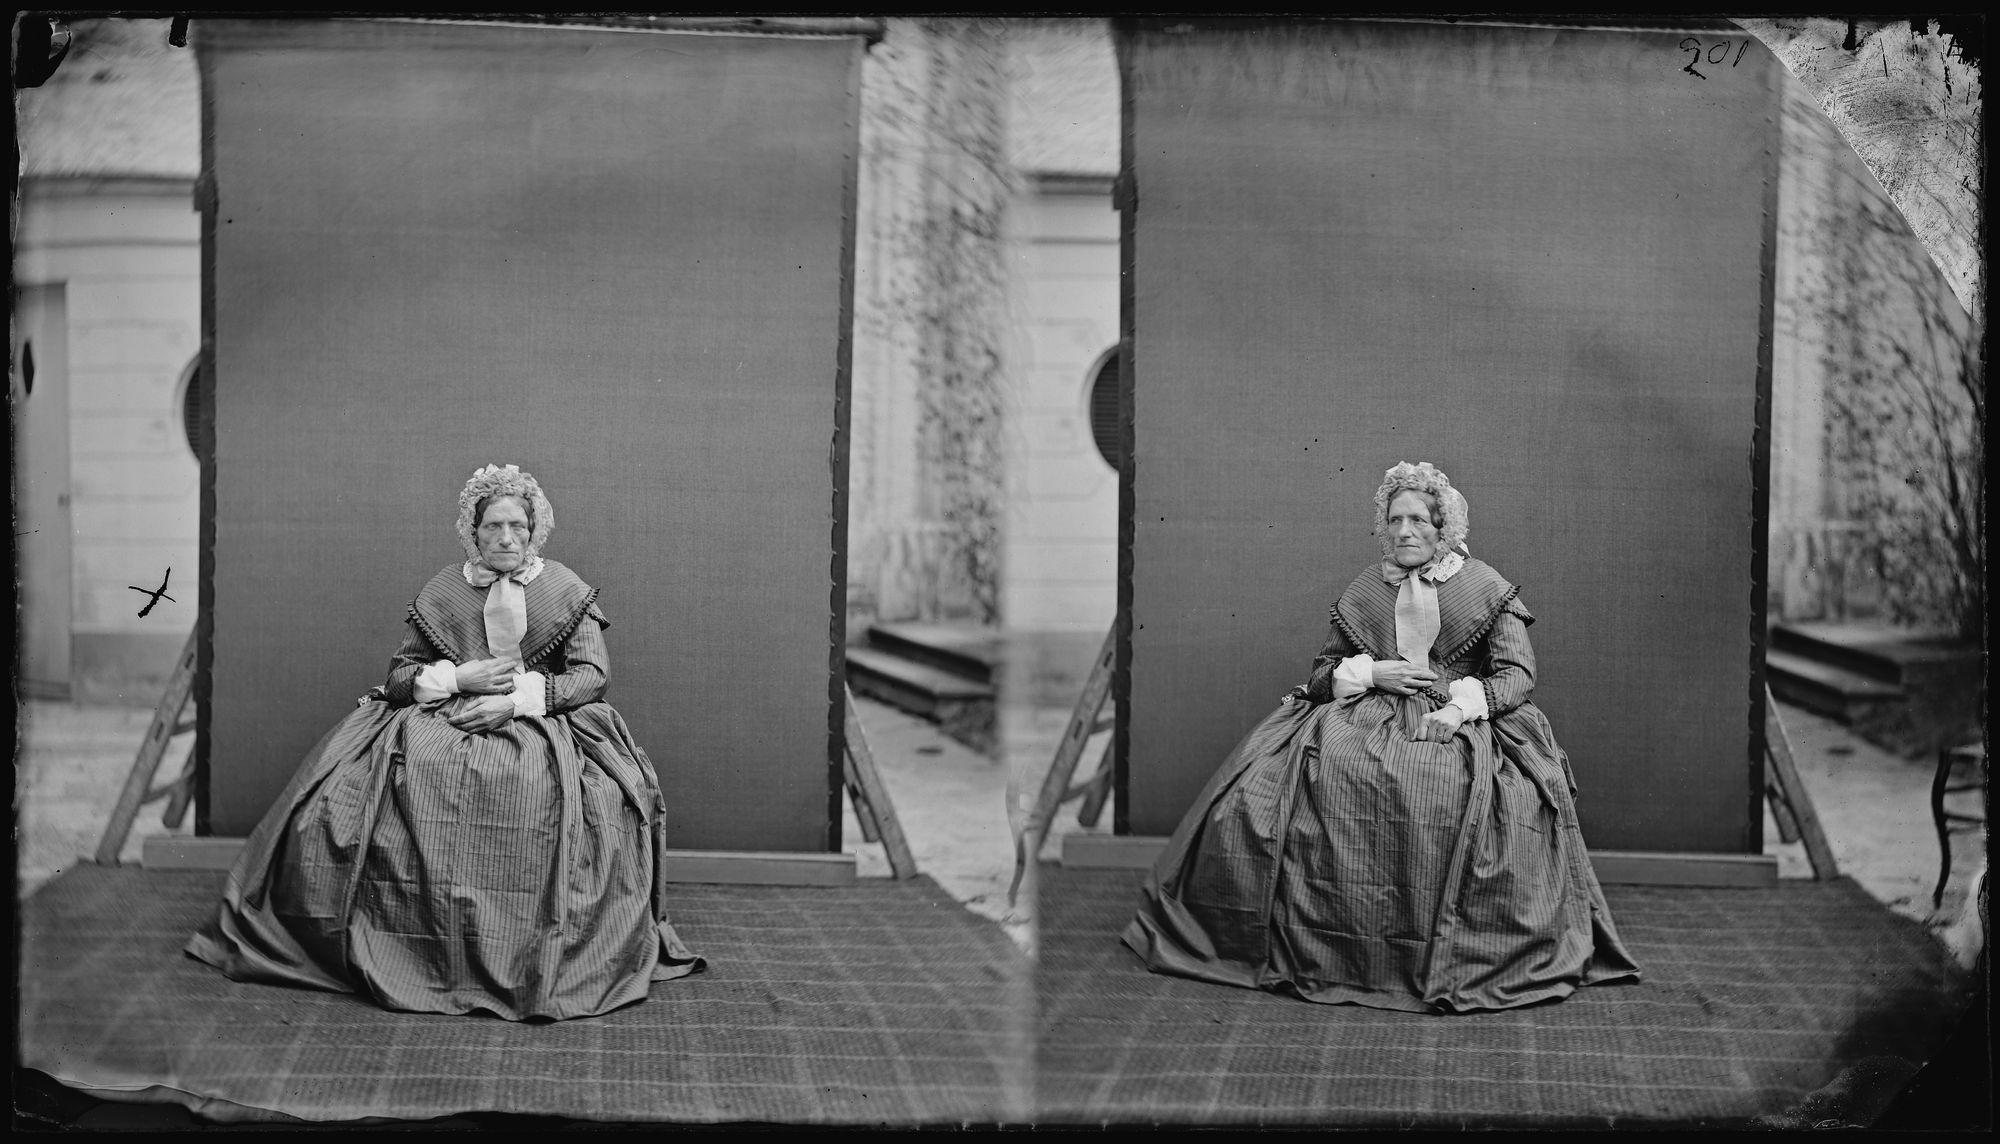 Portret van een oude dame met kapje